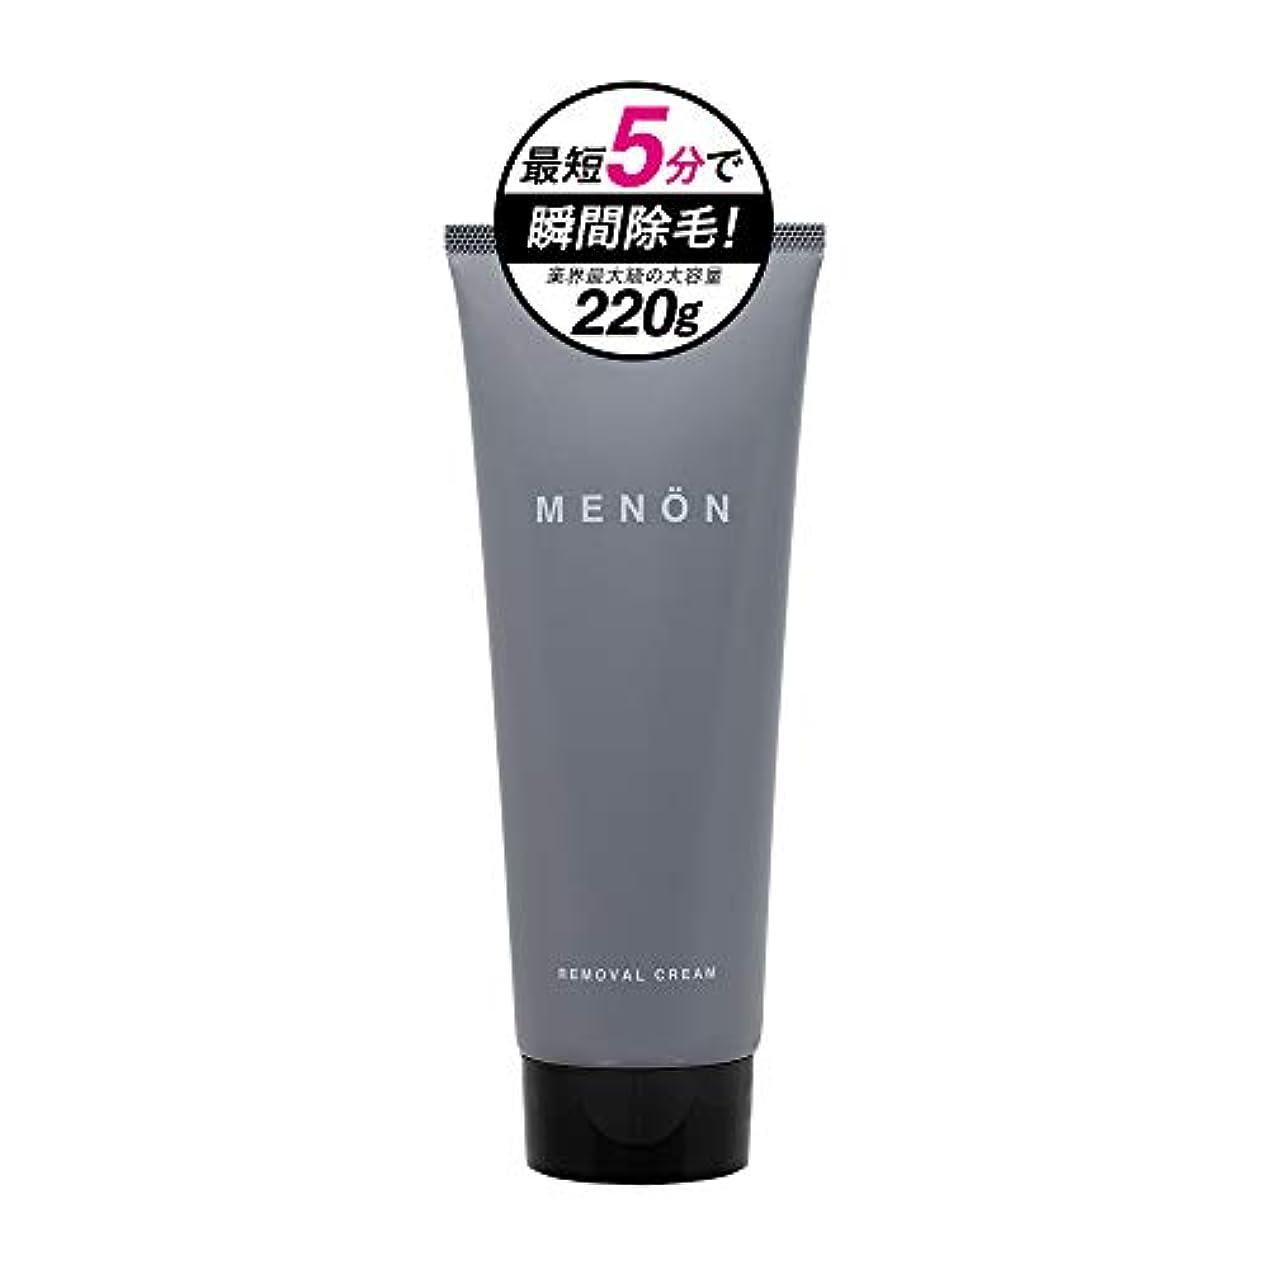 ベースそれによってかび臭い【医薬部外品】 MENON たっぷりシアバターの 除毛クリーム メンズ 容量増量中 220g [陰部/VIO/アンダーヘア/ボディ用] 男性用